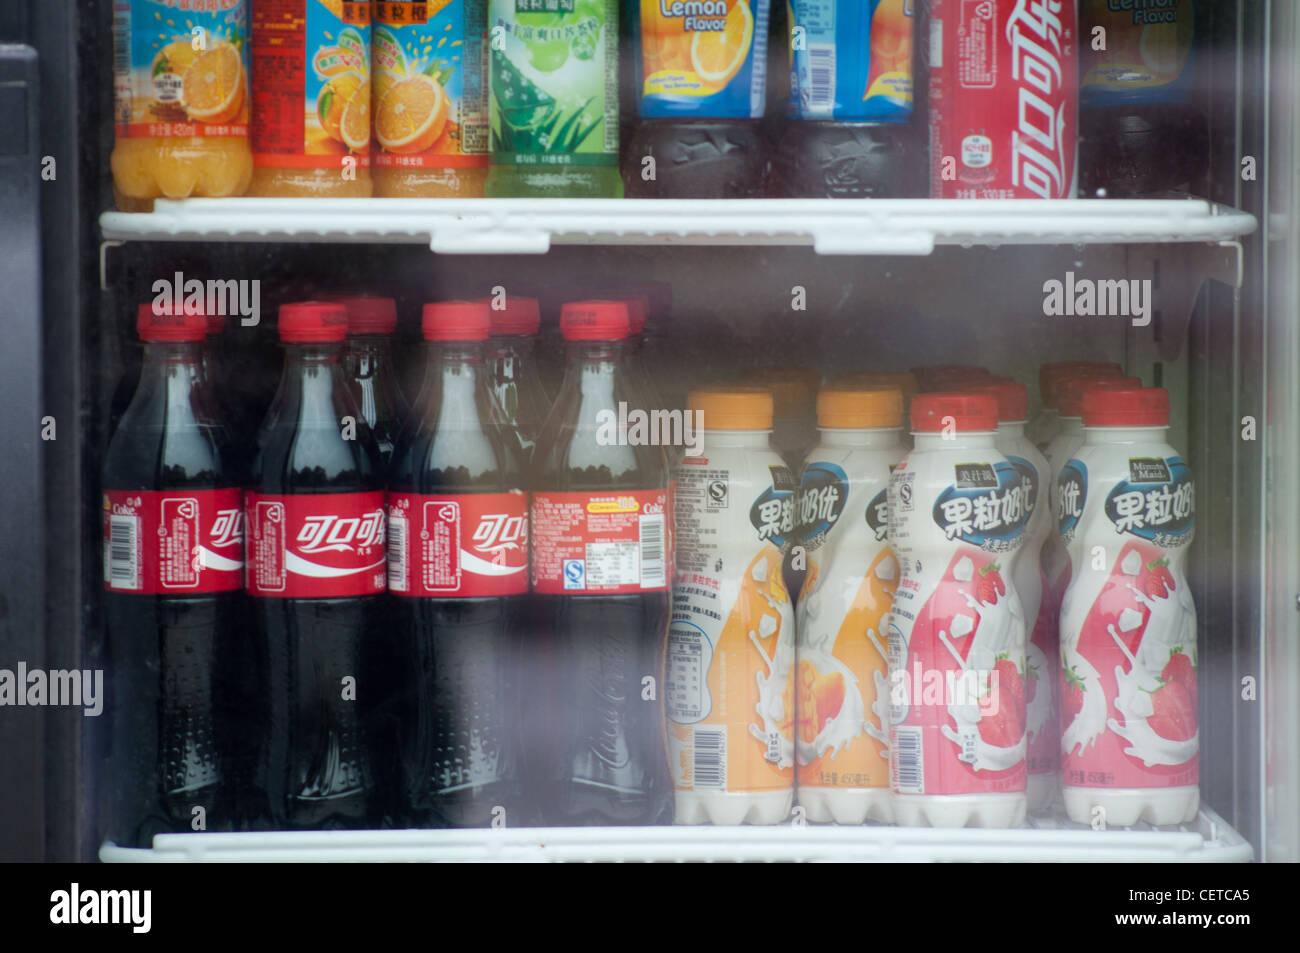 Kühlschrank Coca Cola : Coca cola getränk im kühlschrank stockfoto bild: 43562461 alamy